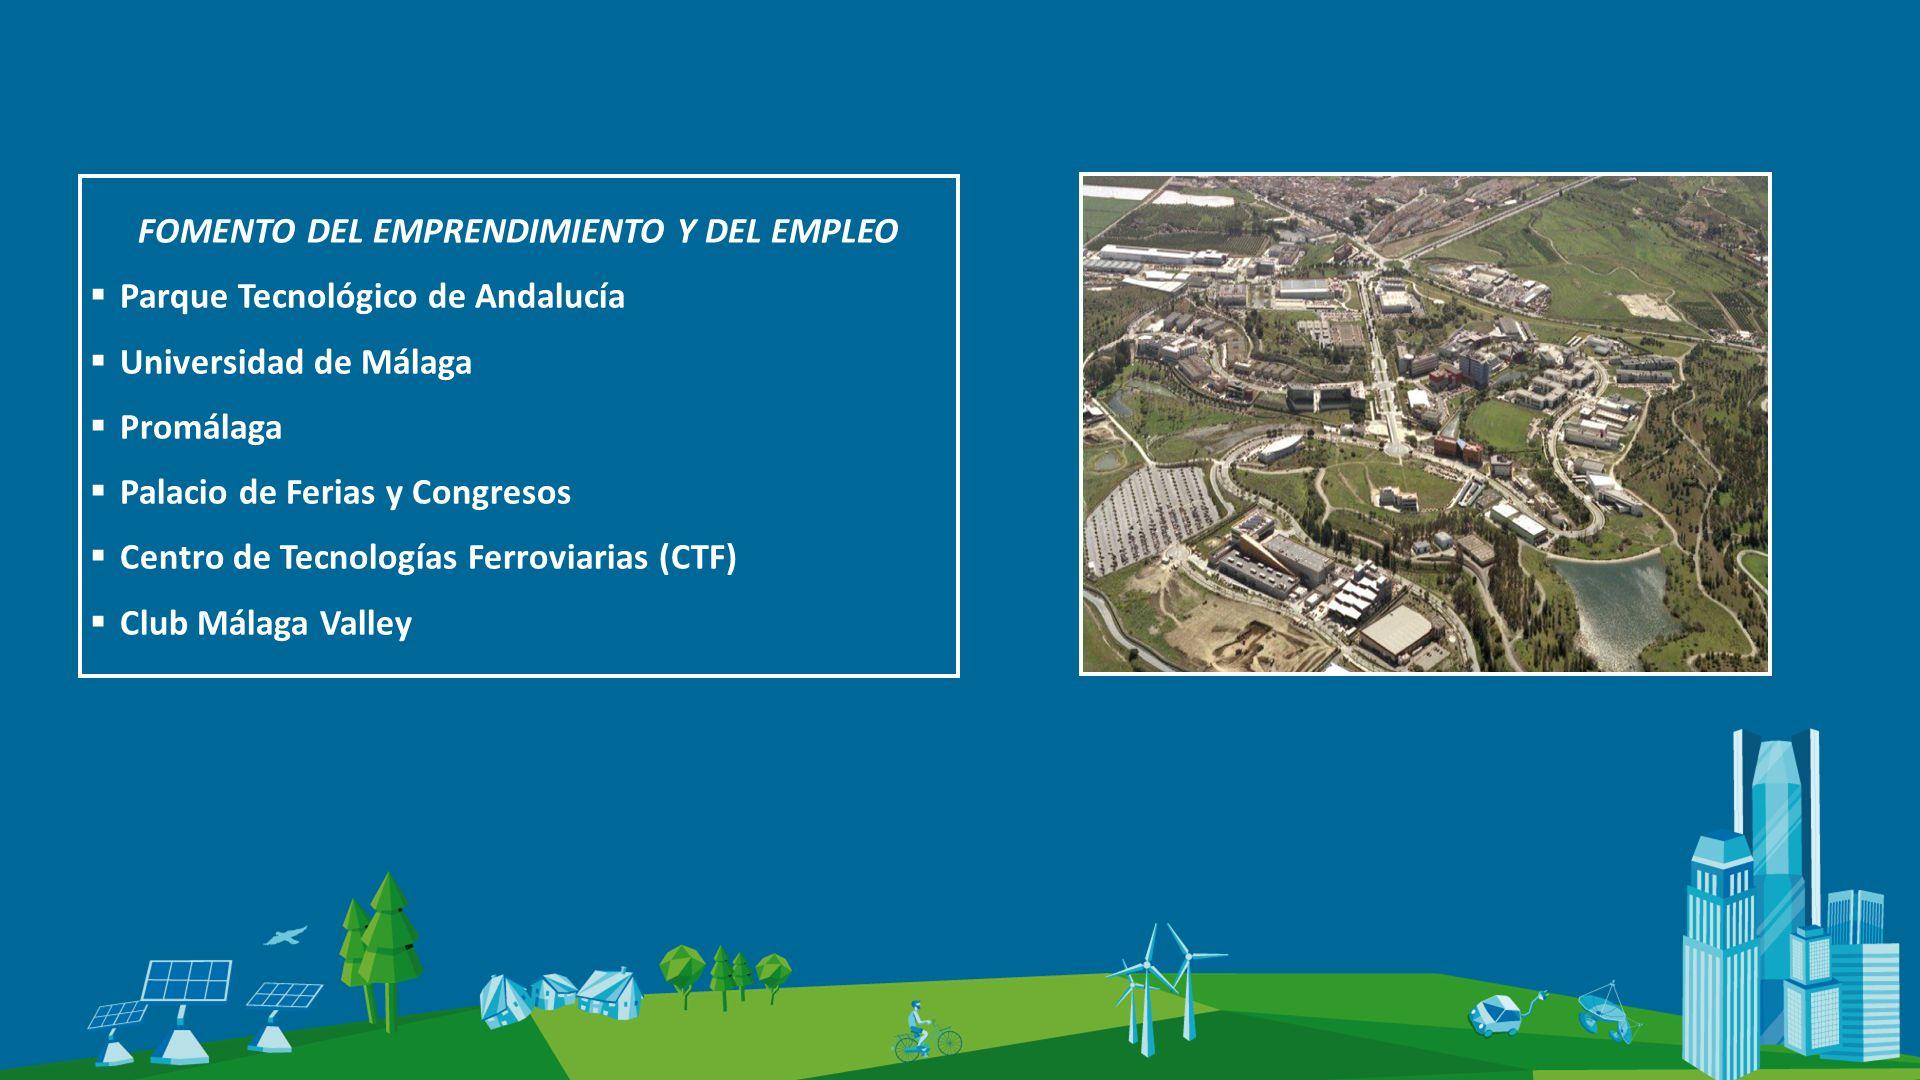 RECONOCIMIENTOS Premio Eurocities a la Innovación (2009) Ciudad española más inteligente (Informe IDC, 2011) Ciudad de la Ciencia y la Innovación (2011) Finalista World Smart Cities Awards (2011 y 2012) Ciudad elegida para el Smarter Cities Challenge (Fundación IBM, 2012) Ciudad española más sostenible (Estudio Siemens, 2012)